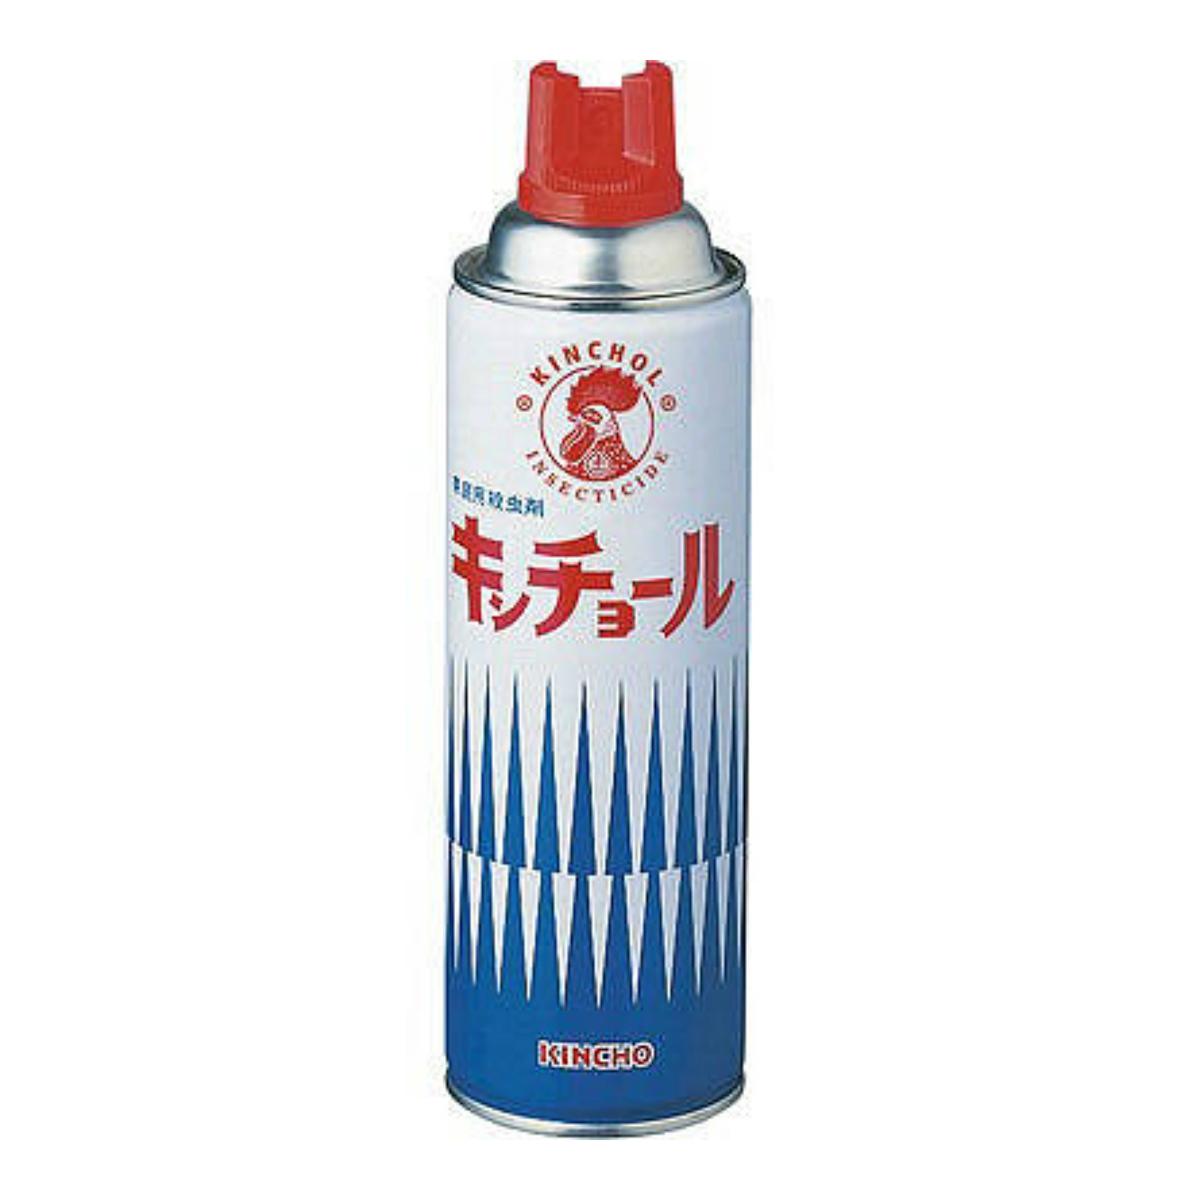 【送料無料】大日本除虫菊 キンチョール K 300ml ( 金鳥 ) ×30点セット まとめ買い特価!ケース販売 ( 4987115101036 )